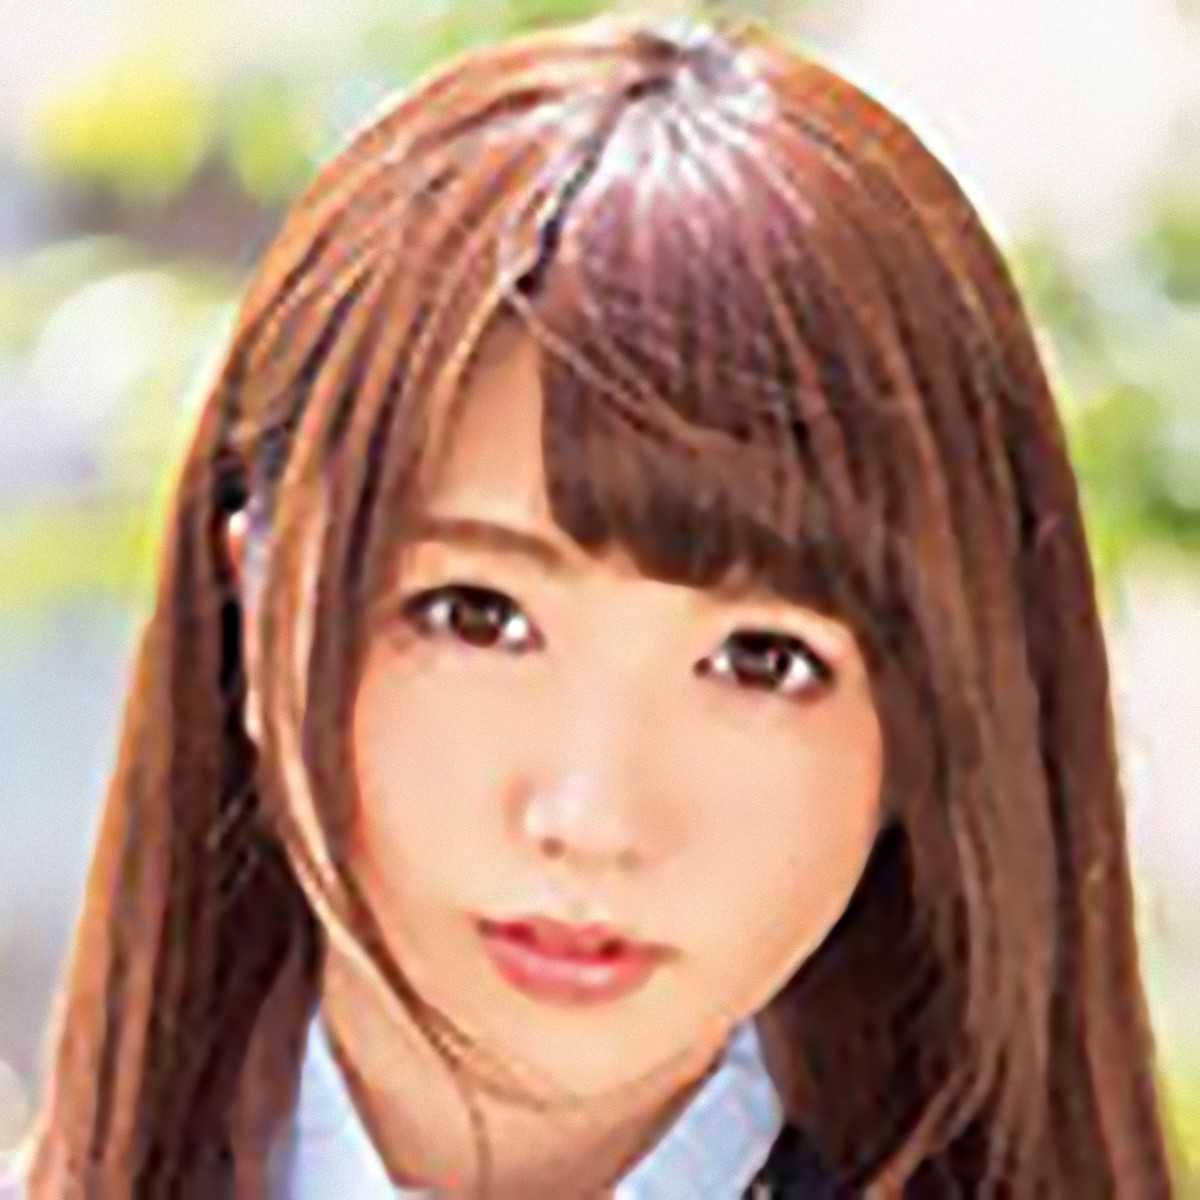 橘優花さんのプロフィールと画像集 | AV女優画像-ラブコアラ-